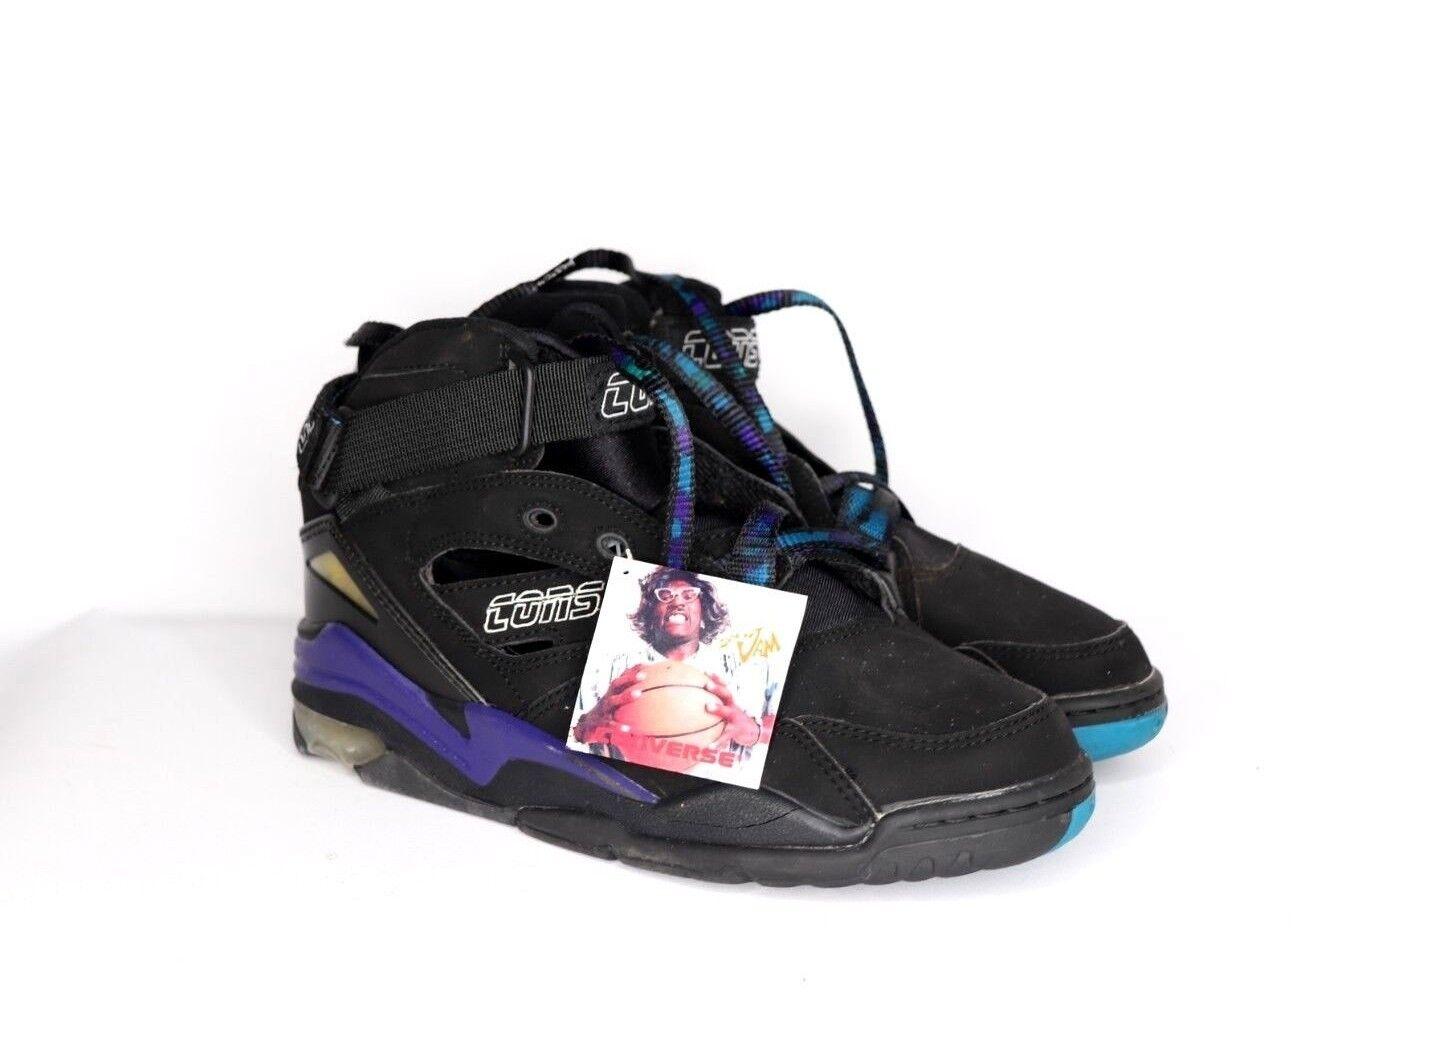 benvenuto per ordinare Vintage 90s New Converse Converse Converse Back Jam Mid Larry Johnson GrandMama scarpe Dimensione 8.5  molto popolare